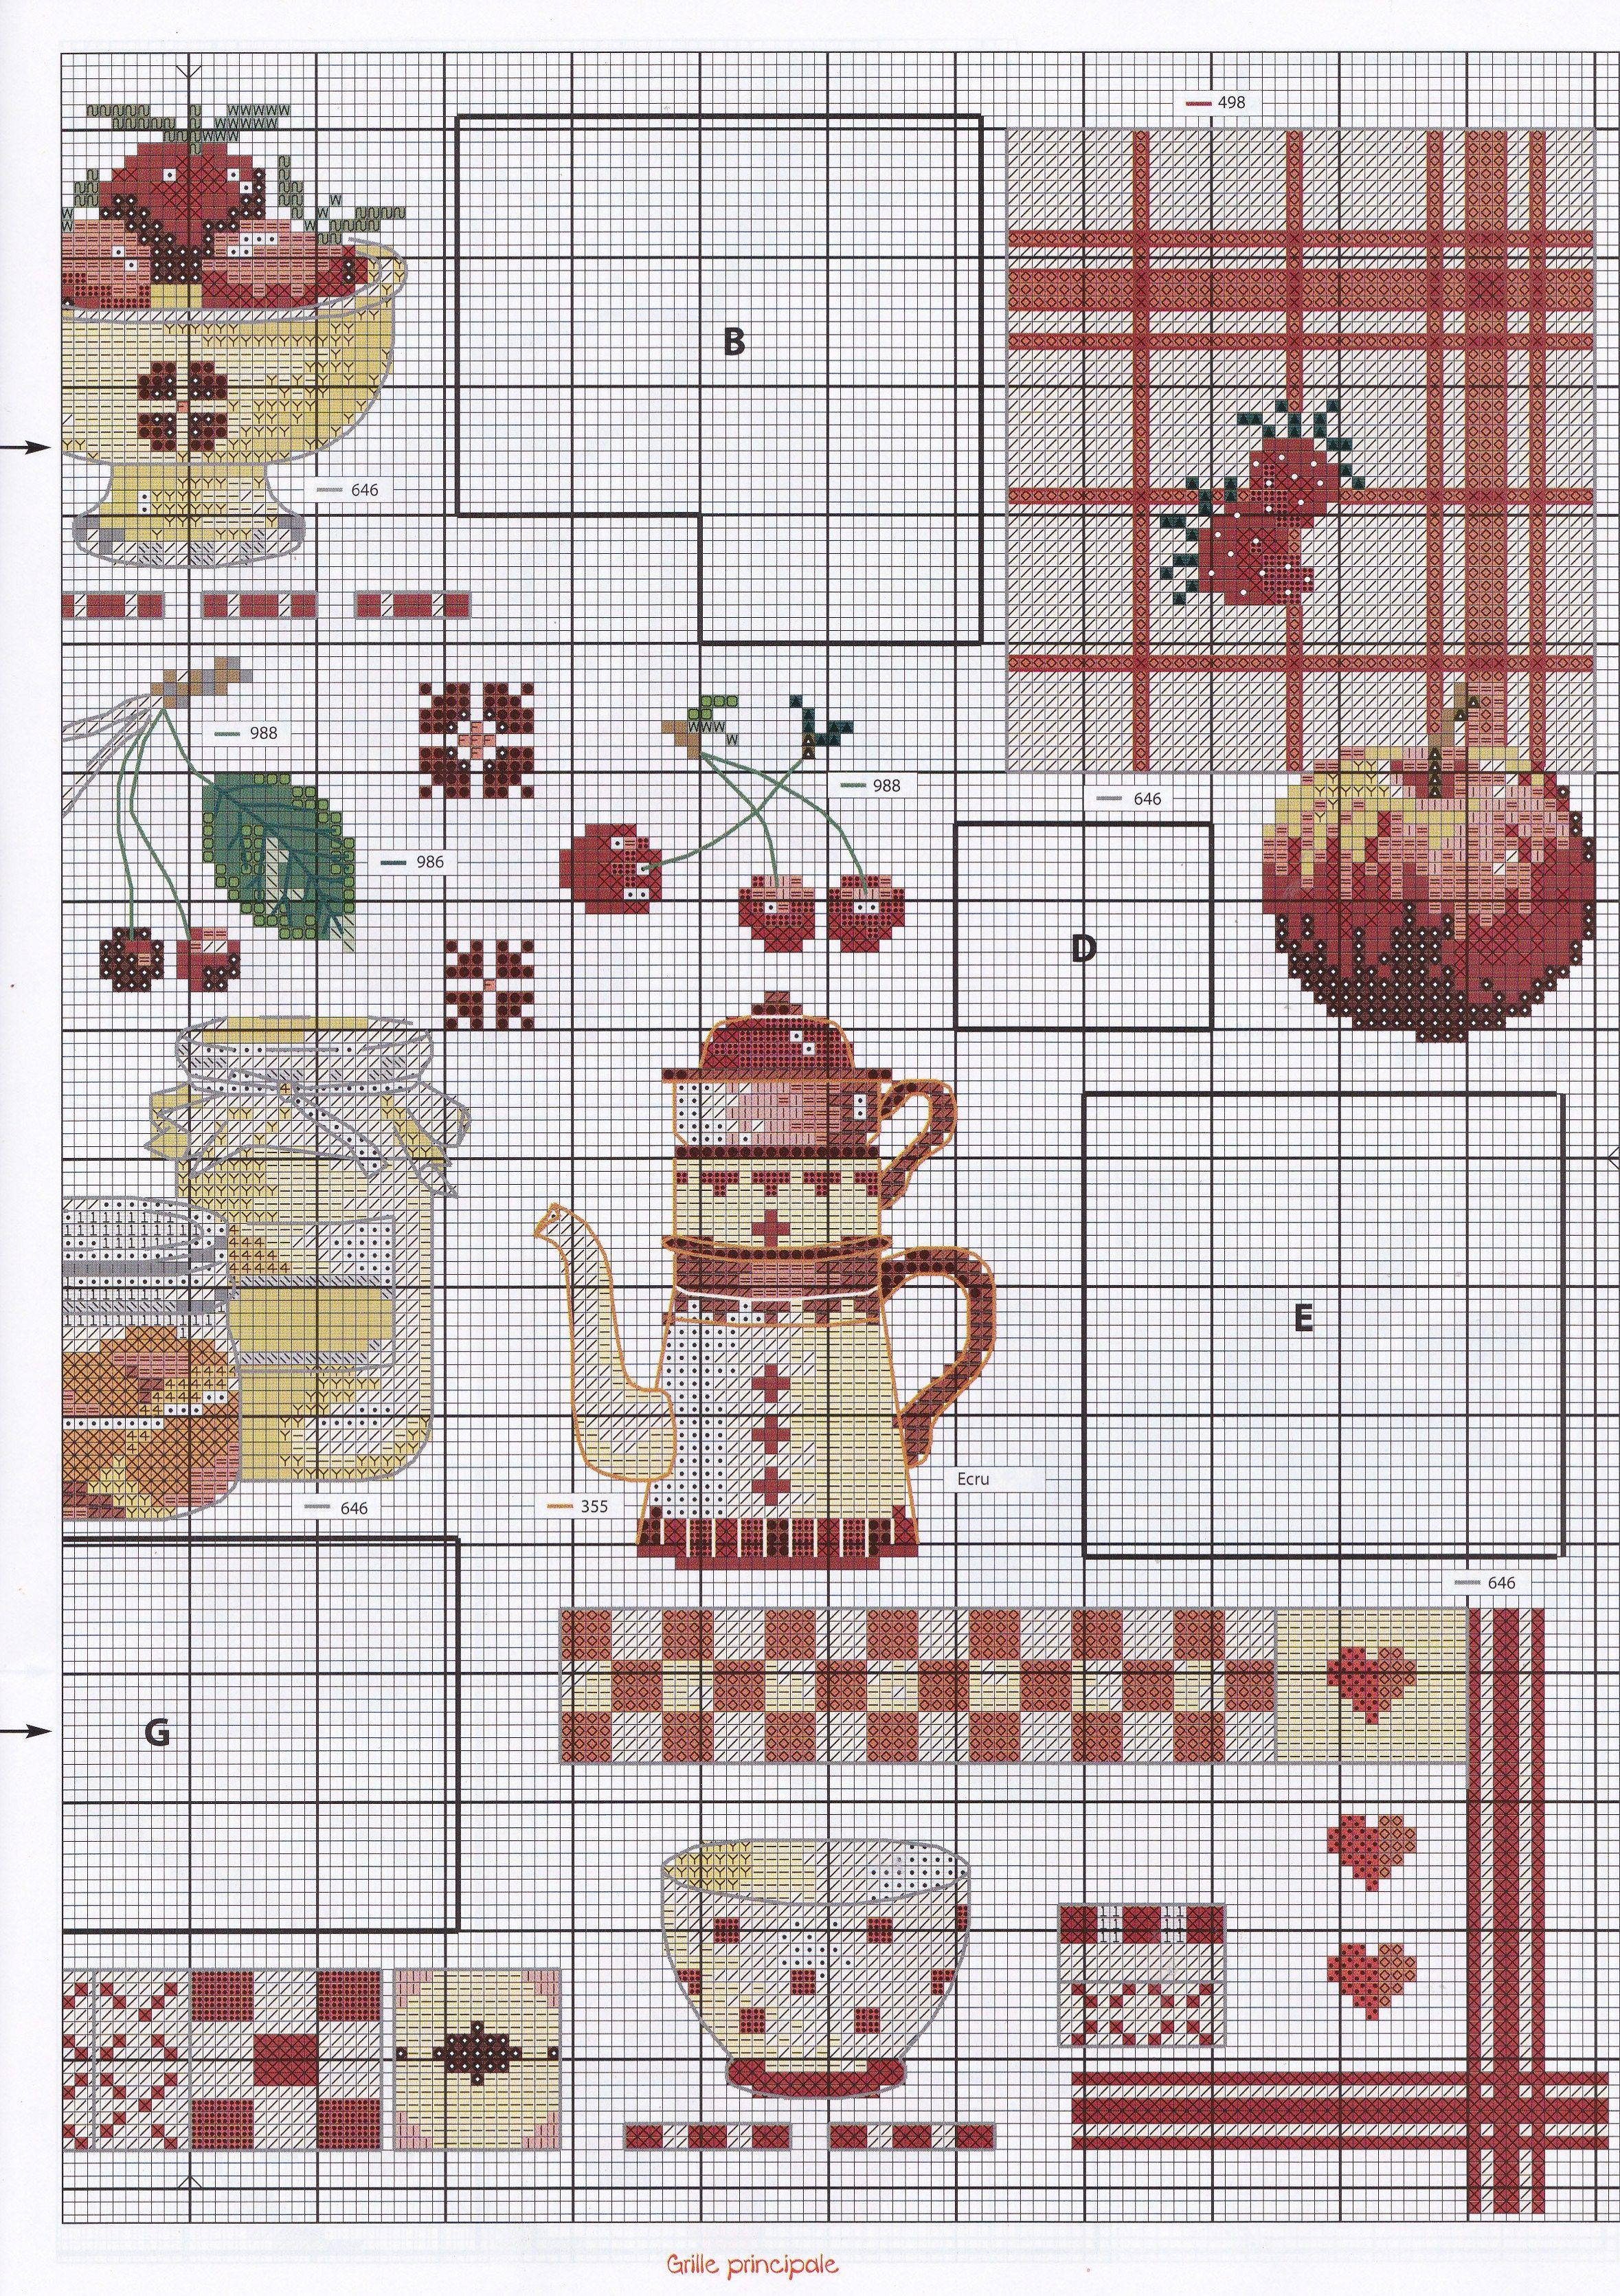 Point de croix no 98 dmc cuisine pinterest dmc - Cuisine et croix roussien ...